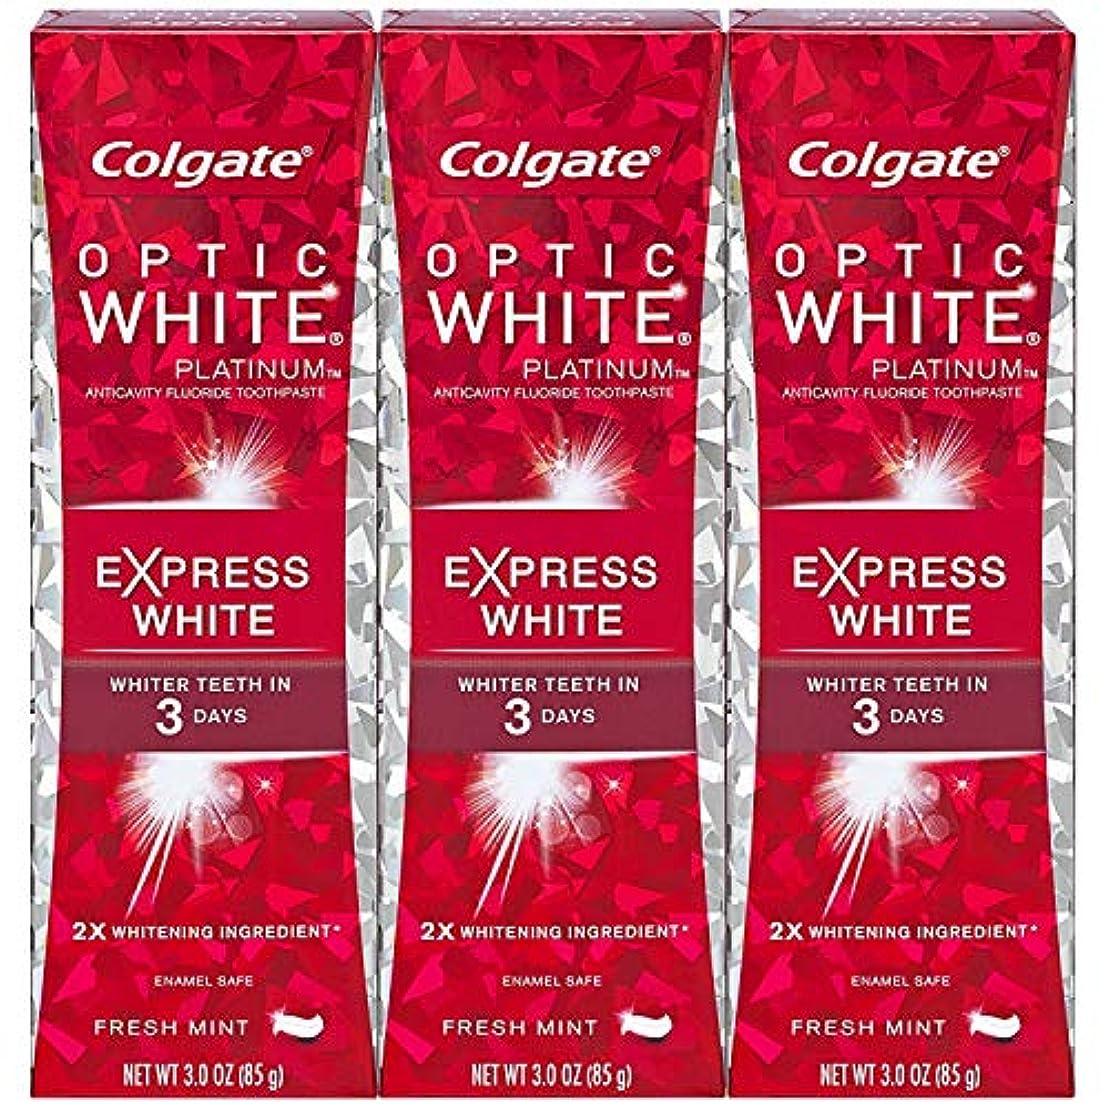 クリークケイ素郵便Colgate オプティックホワイトプラチナエクスプレス白の歯磨き粉、フレッシュミント3オズ(3パック)